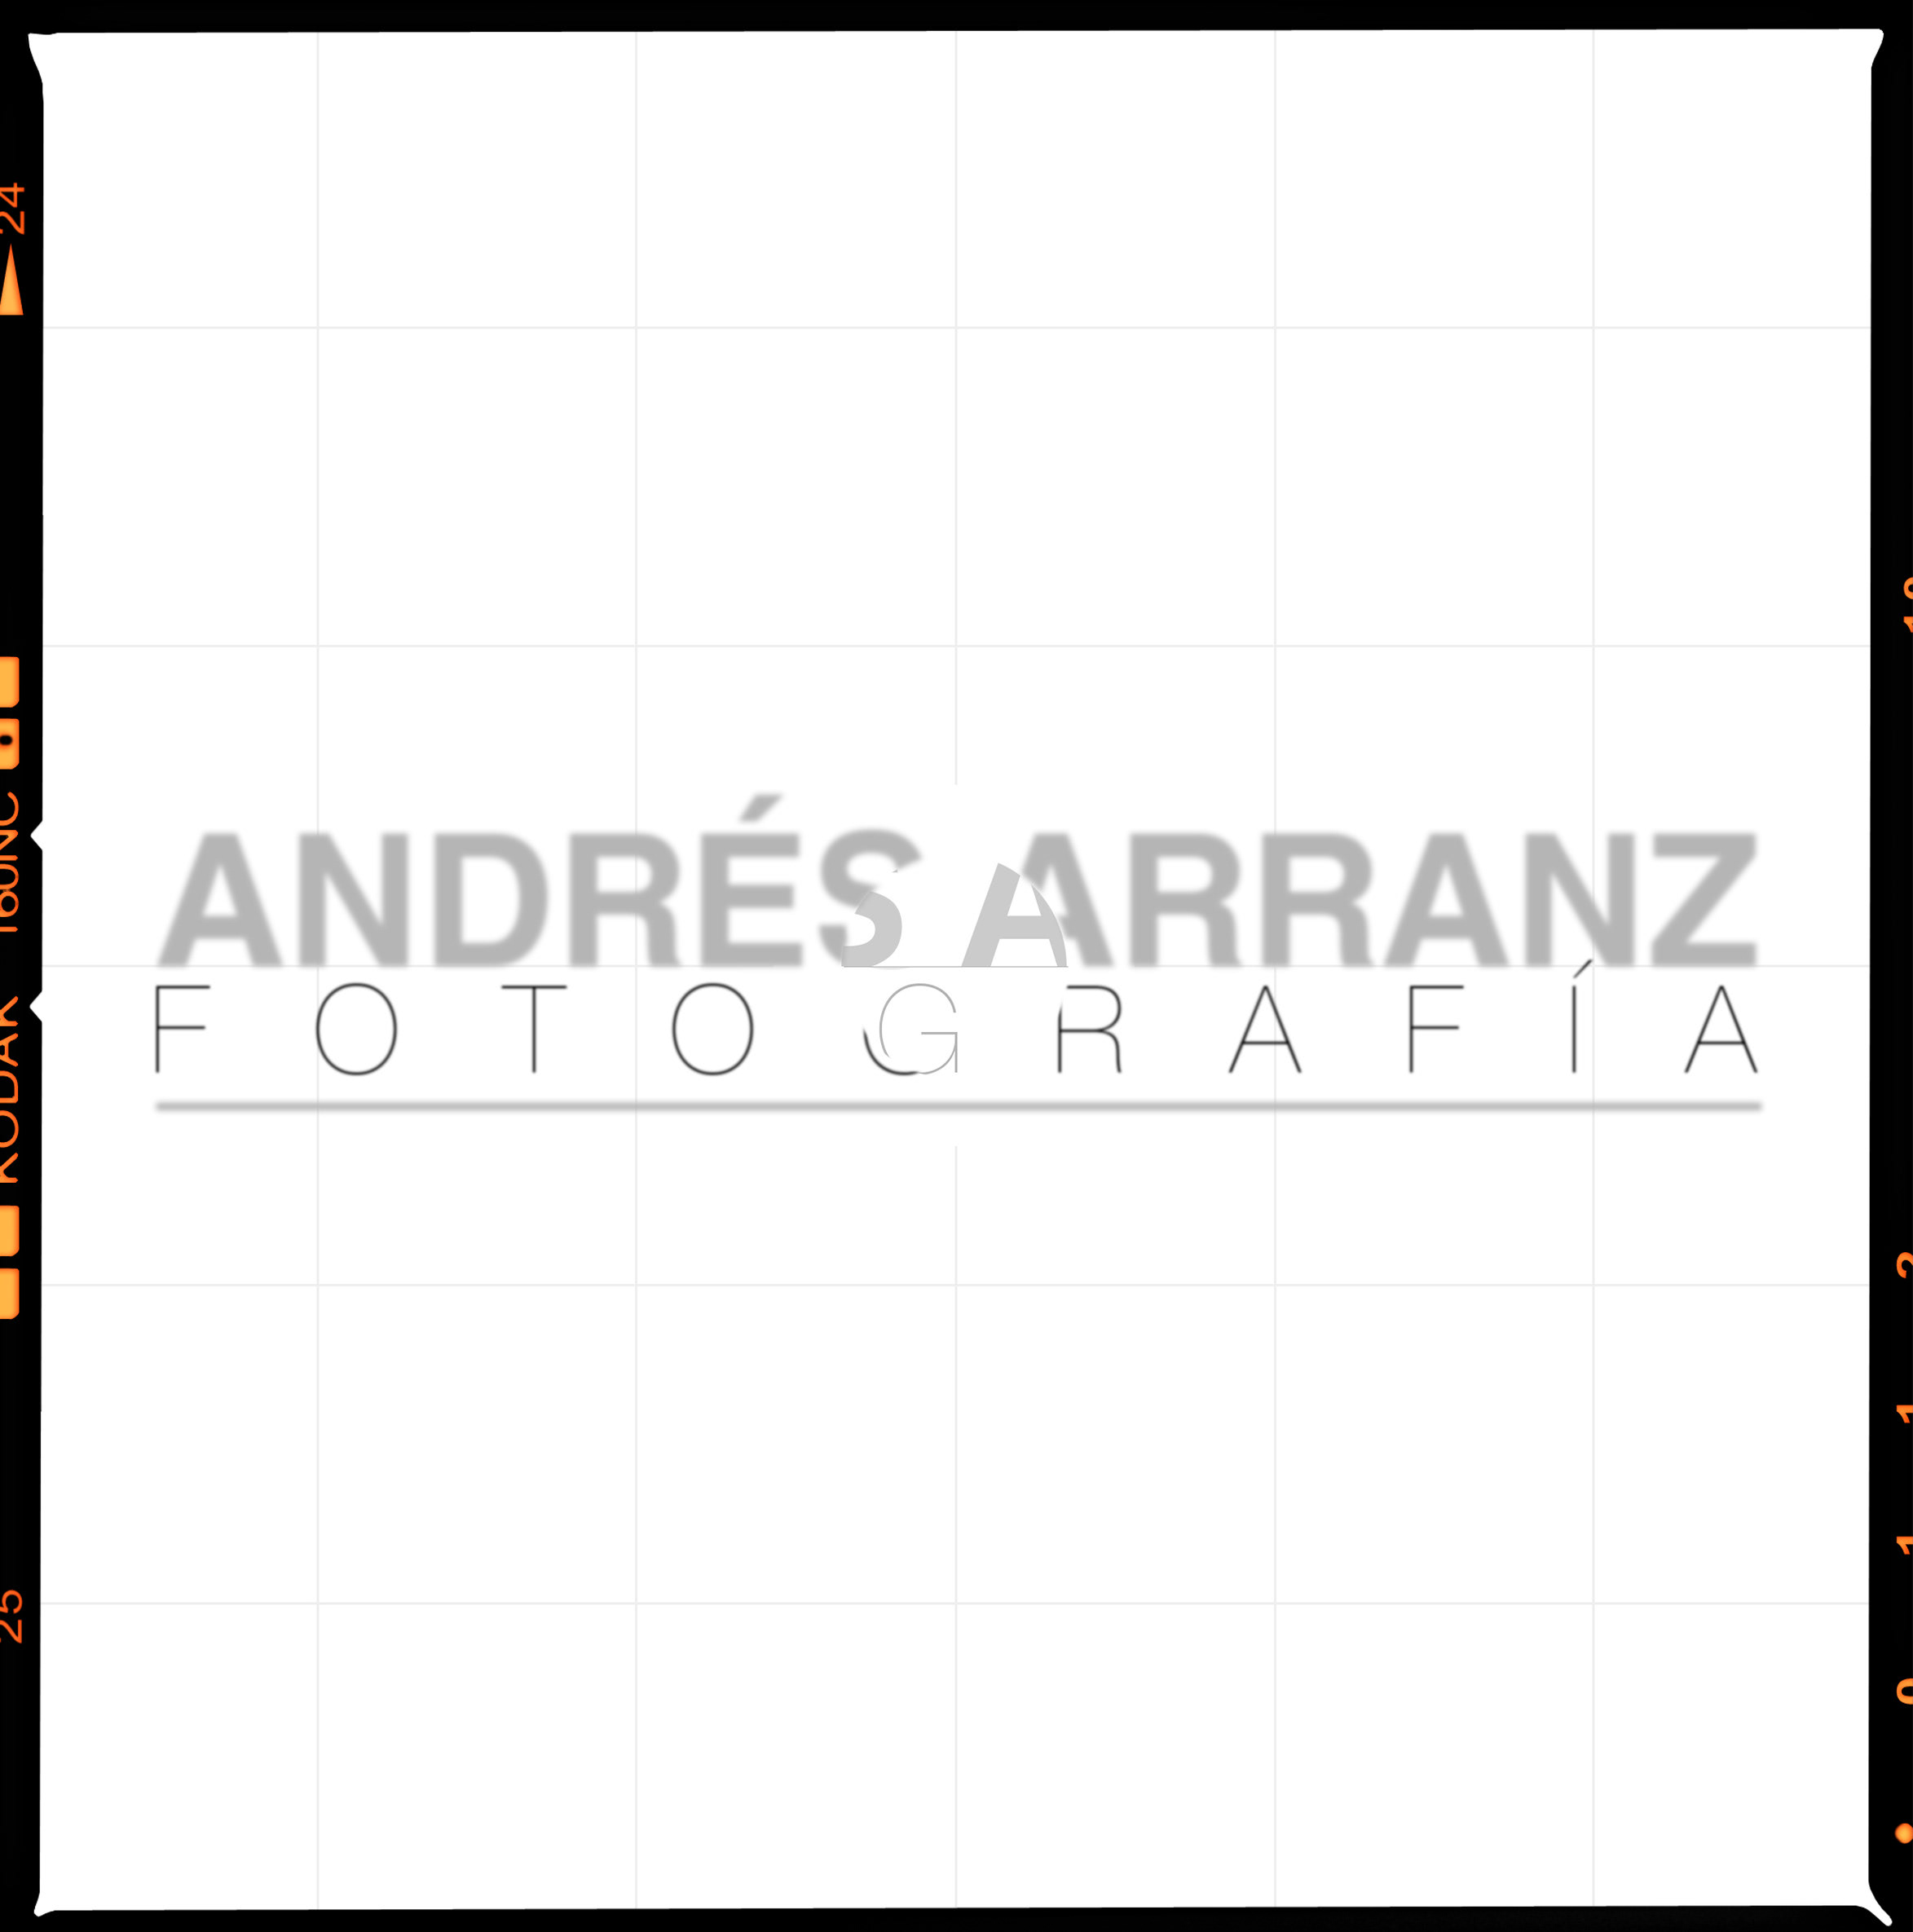 Andrés Arranz Fotografía